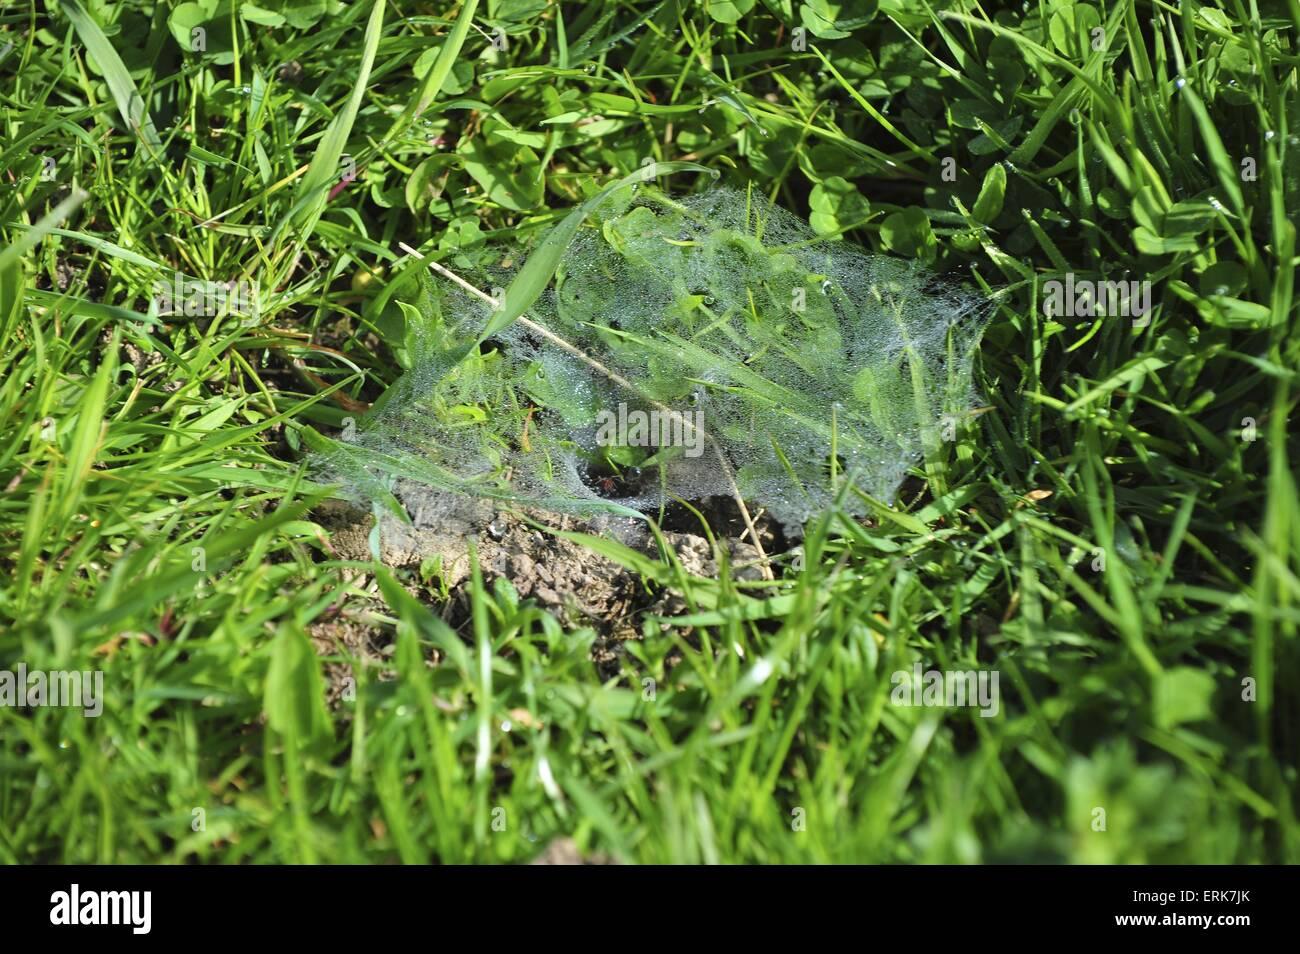 Tela de Araña Imagen De Stock